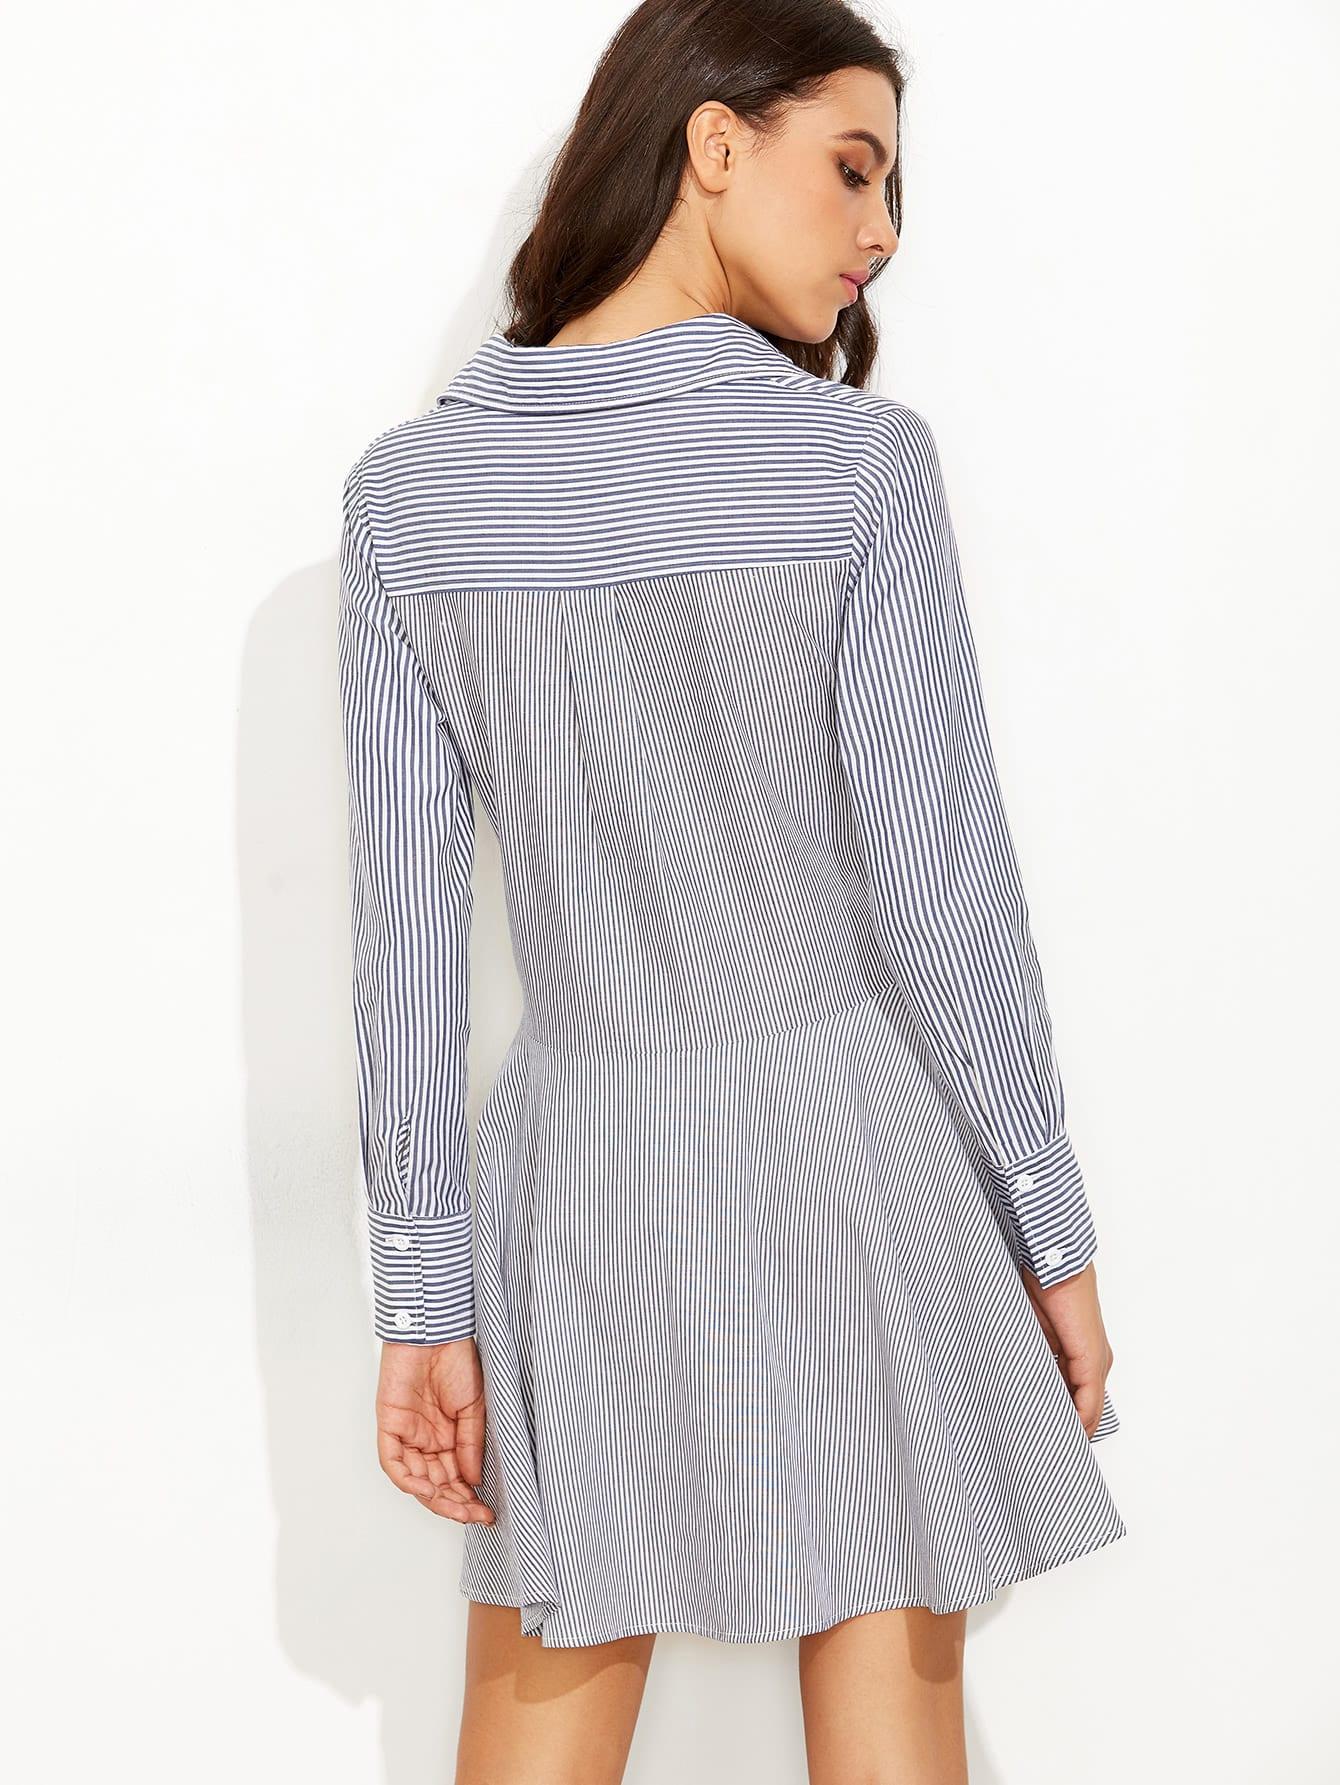 dress160815703_2